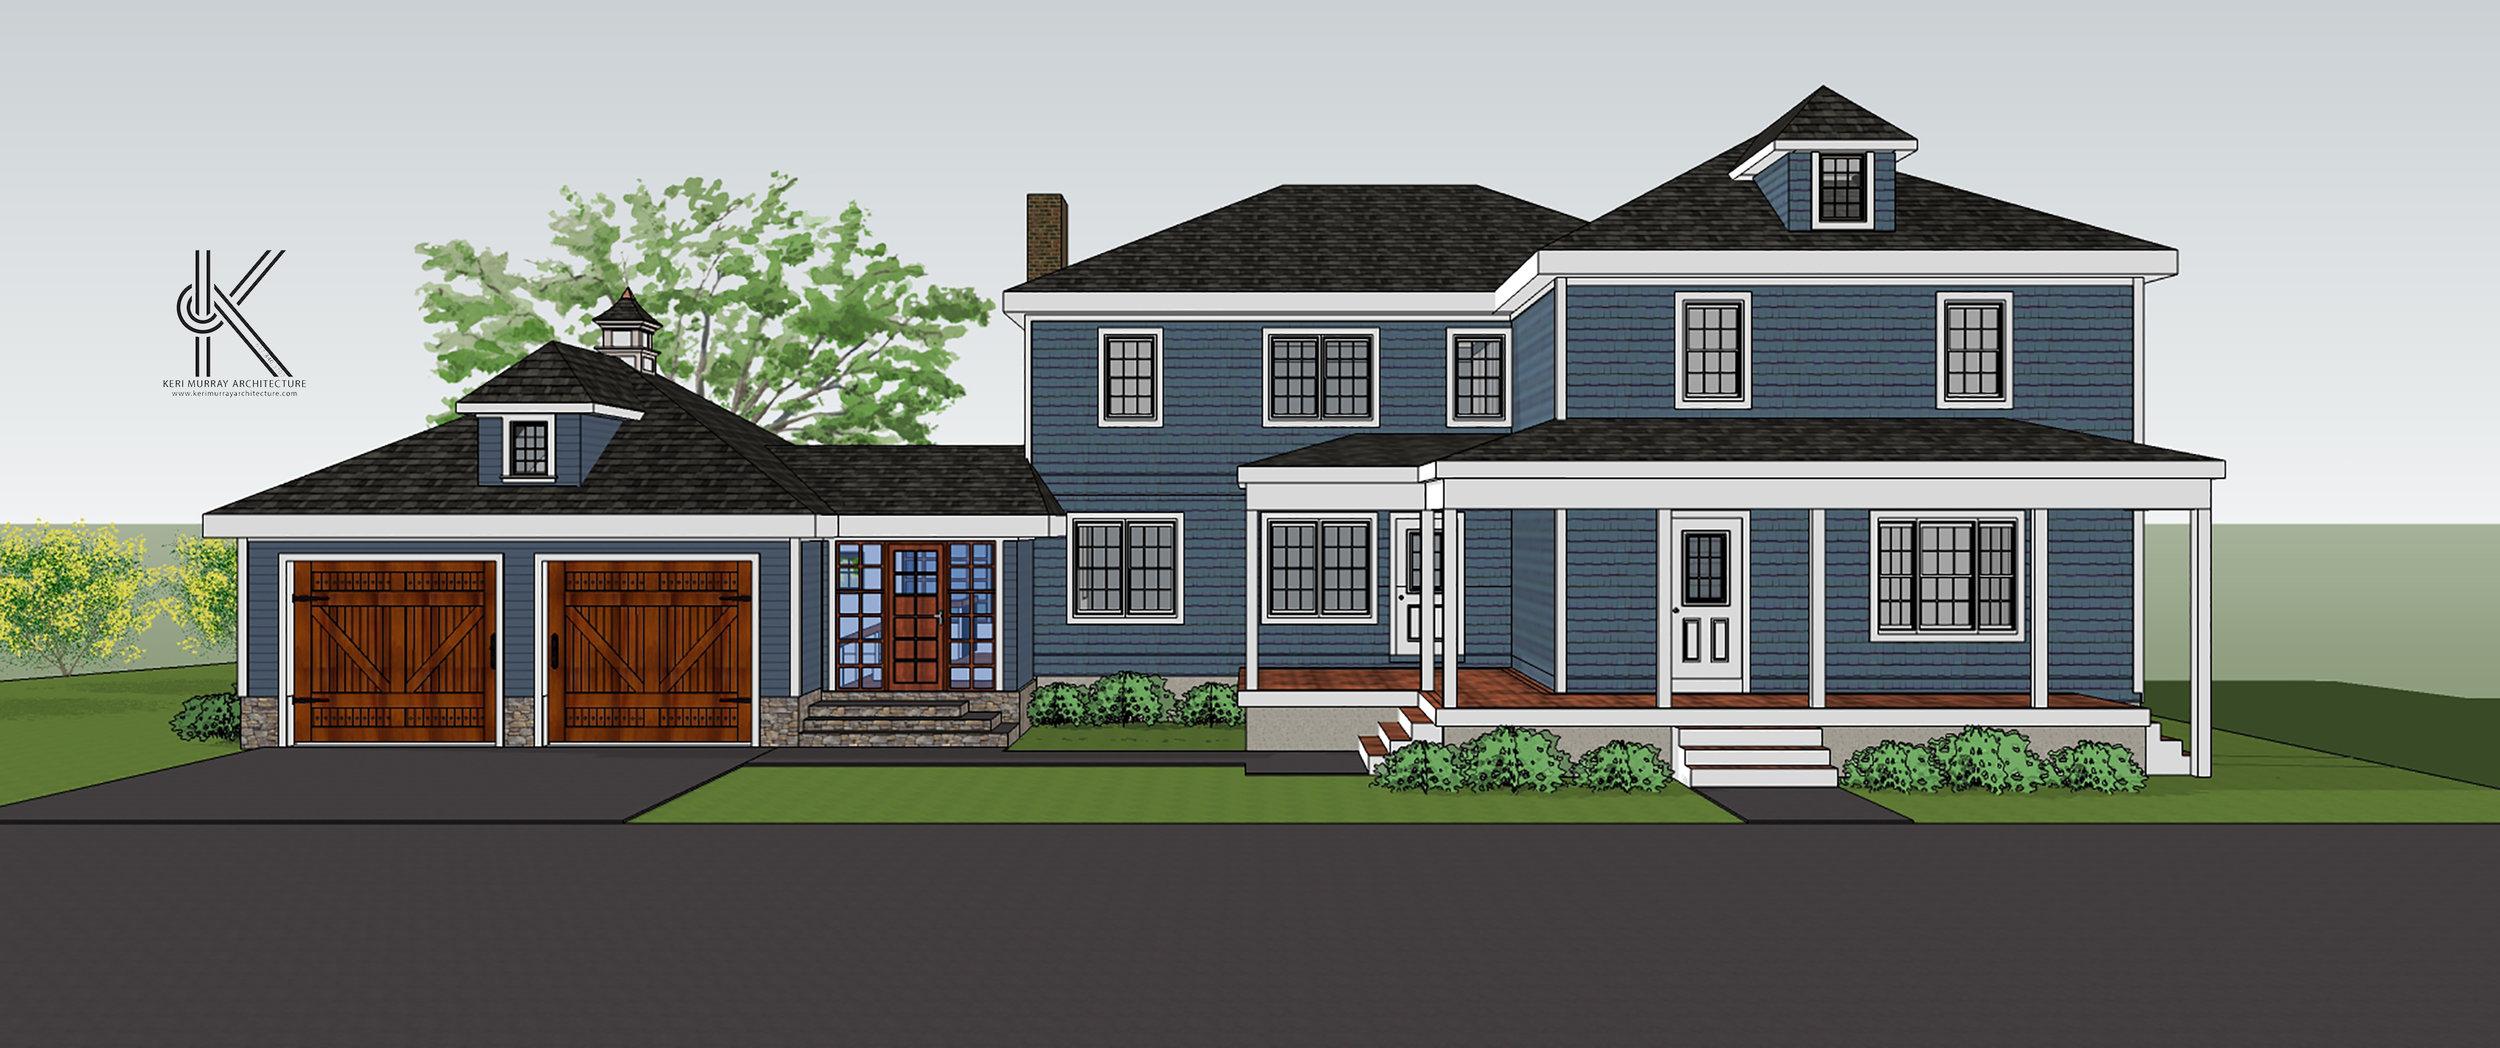 Franklin_Proposed Design.jpg